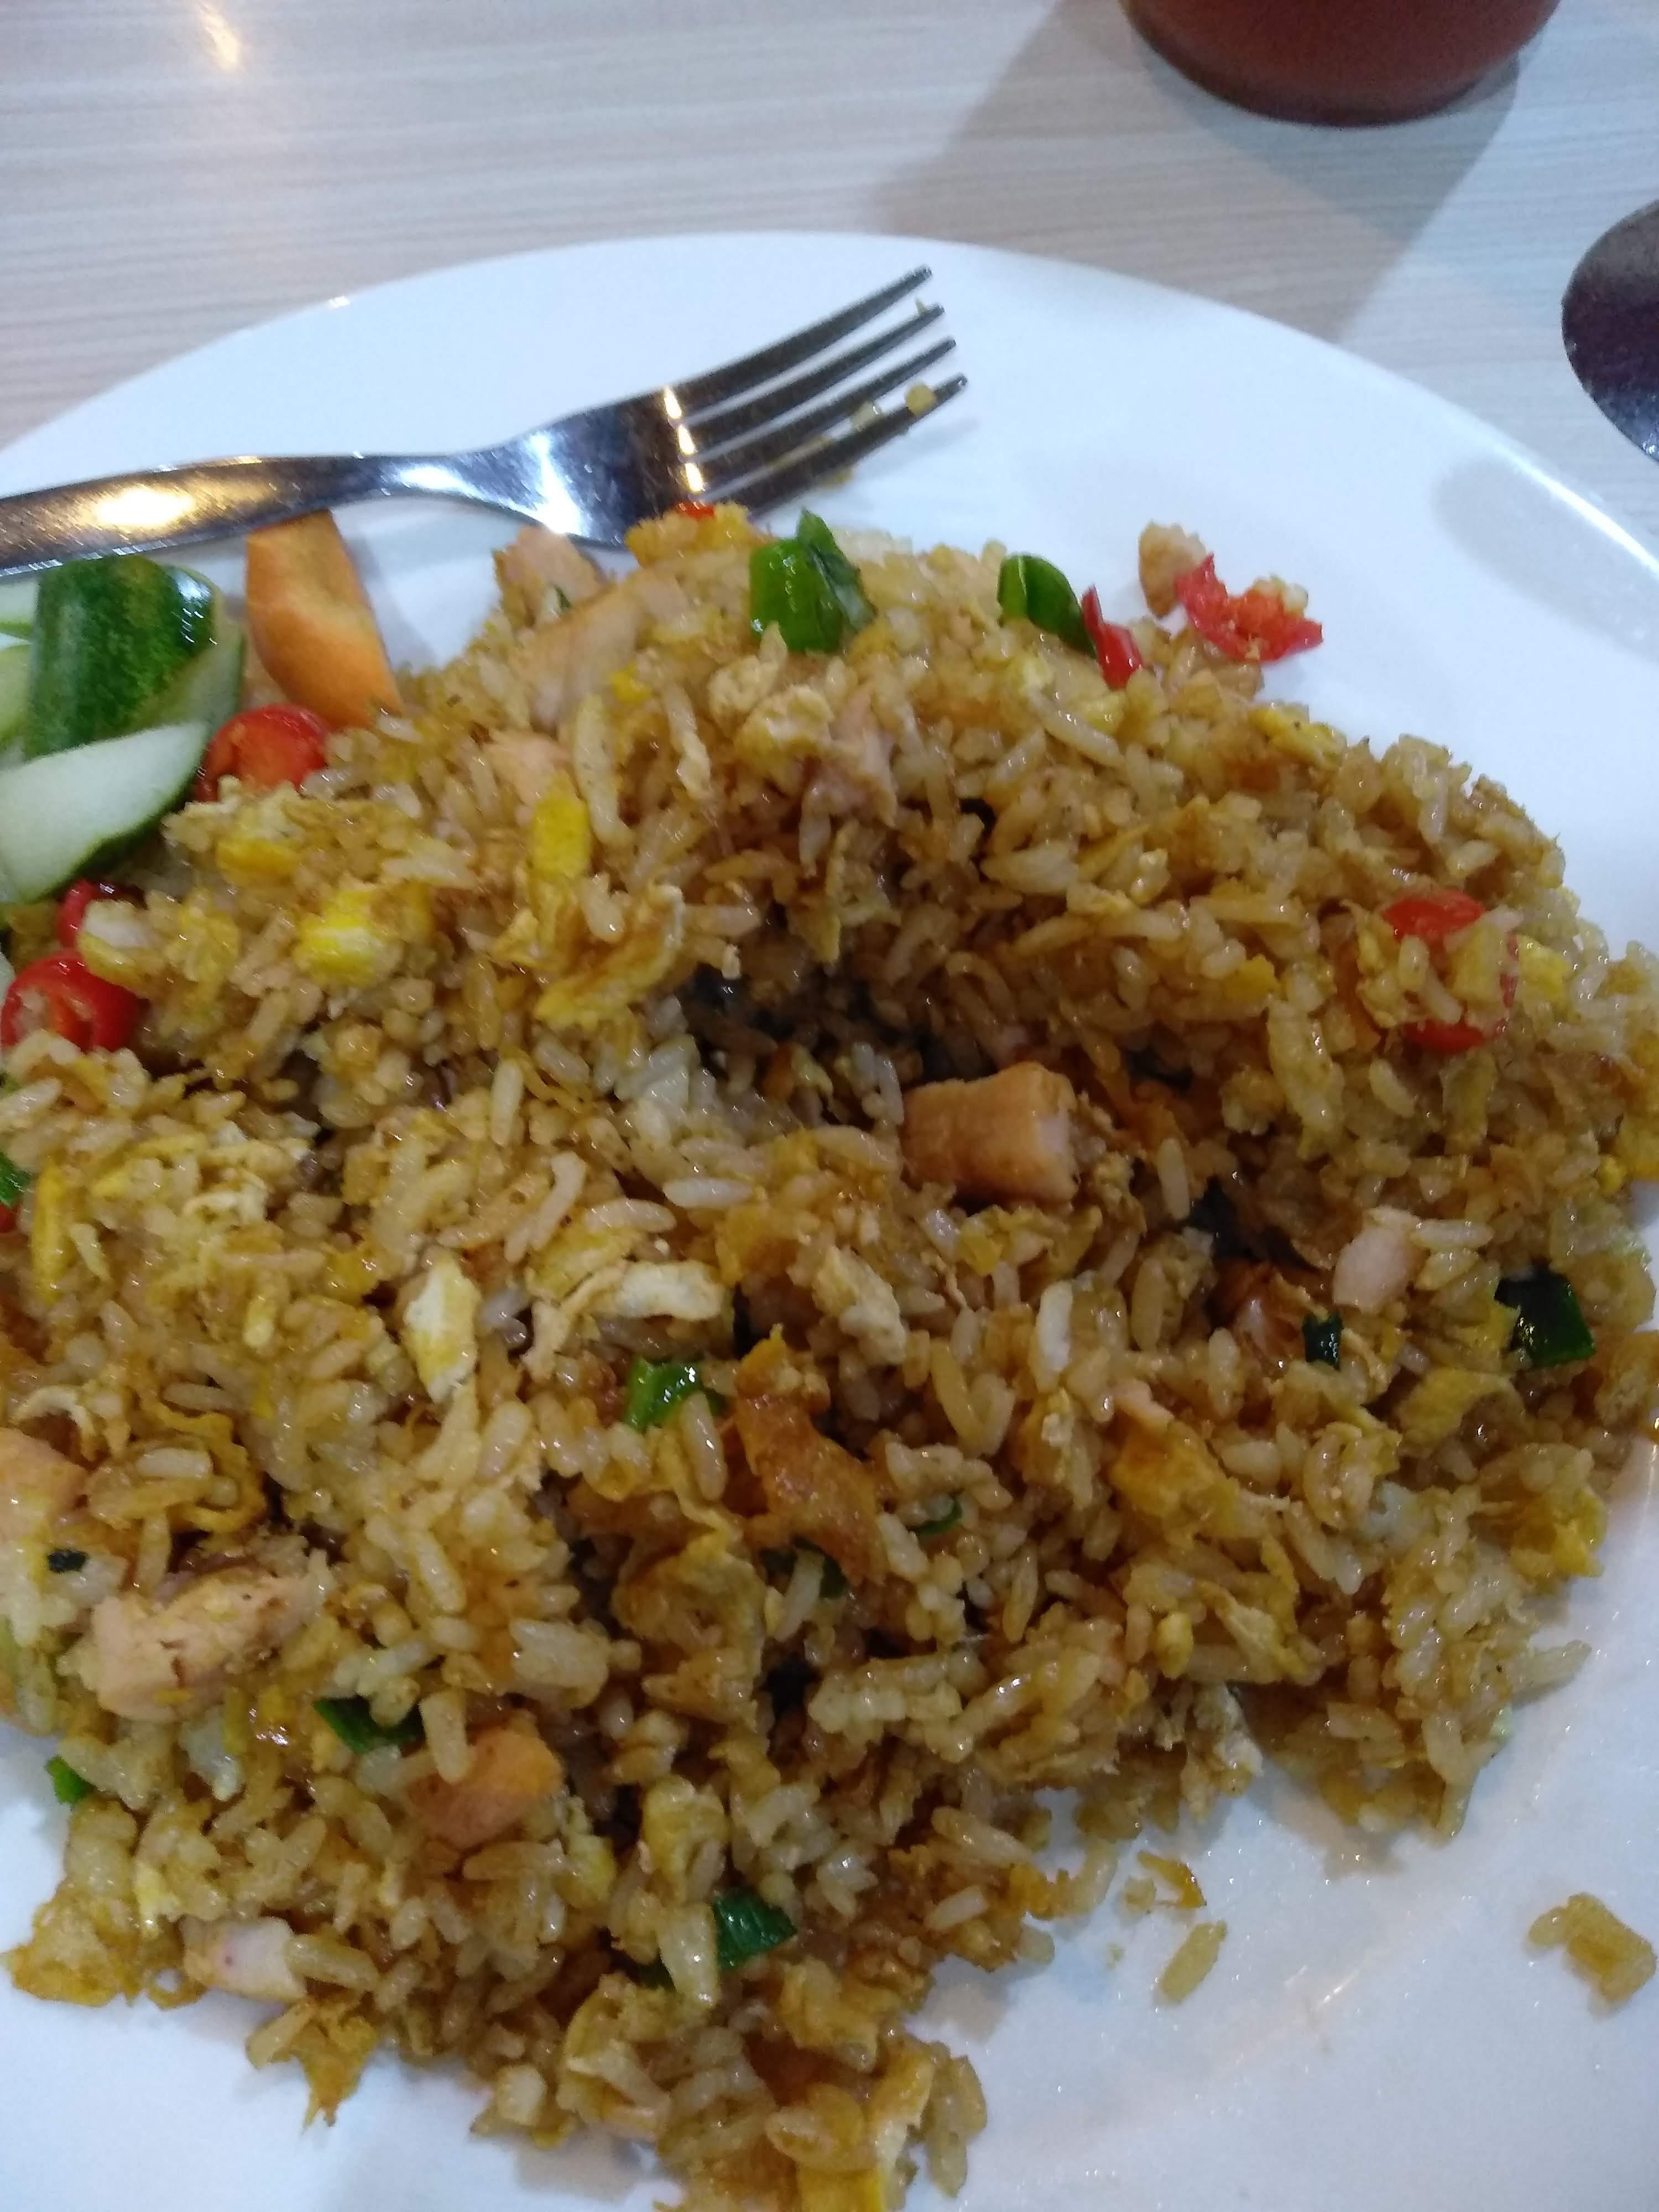 File Nasi Goreng Kampung Ala Resto Populer Jpg Wikimedia Commons